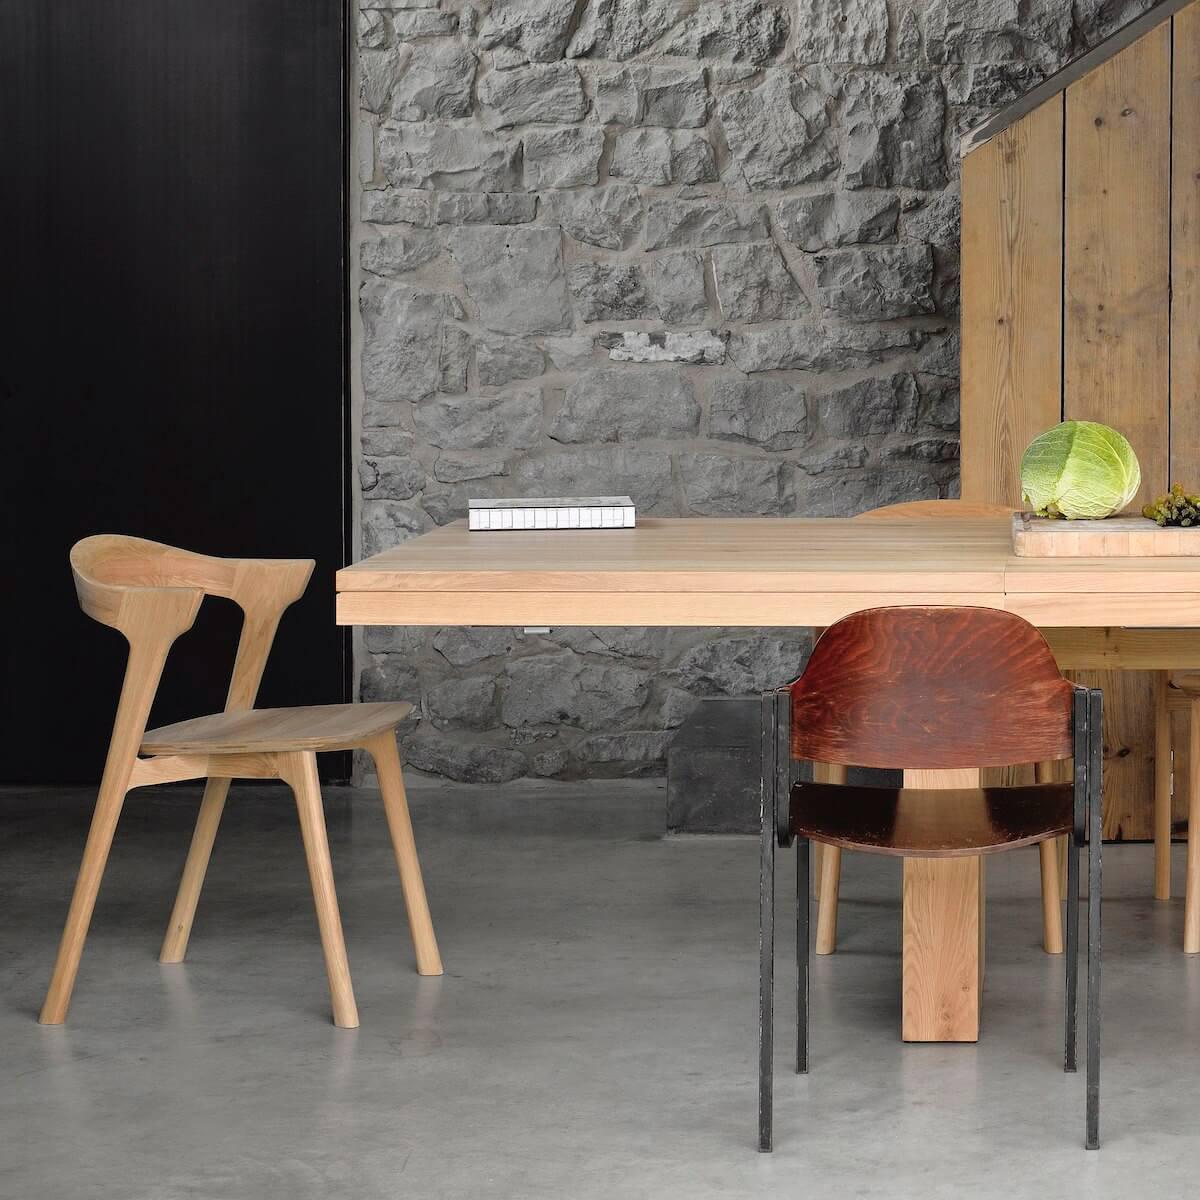 Table à rallonges 100x200/300cm DOUBLE Ethnicraft chêne